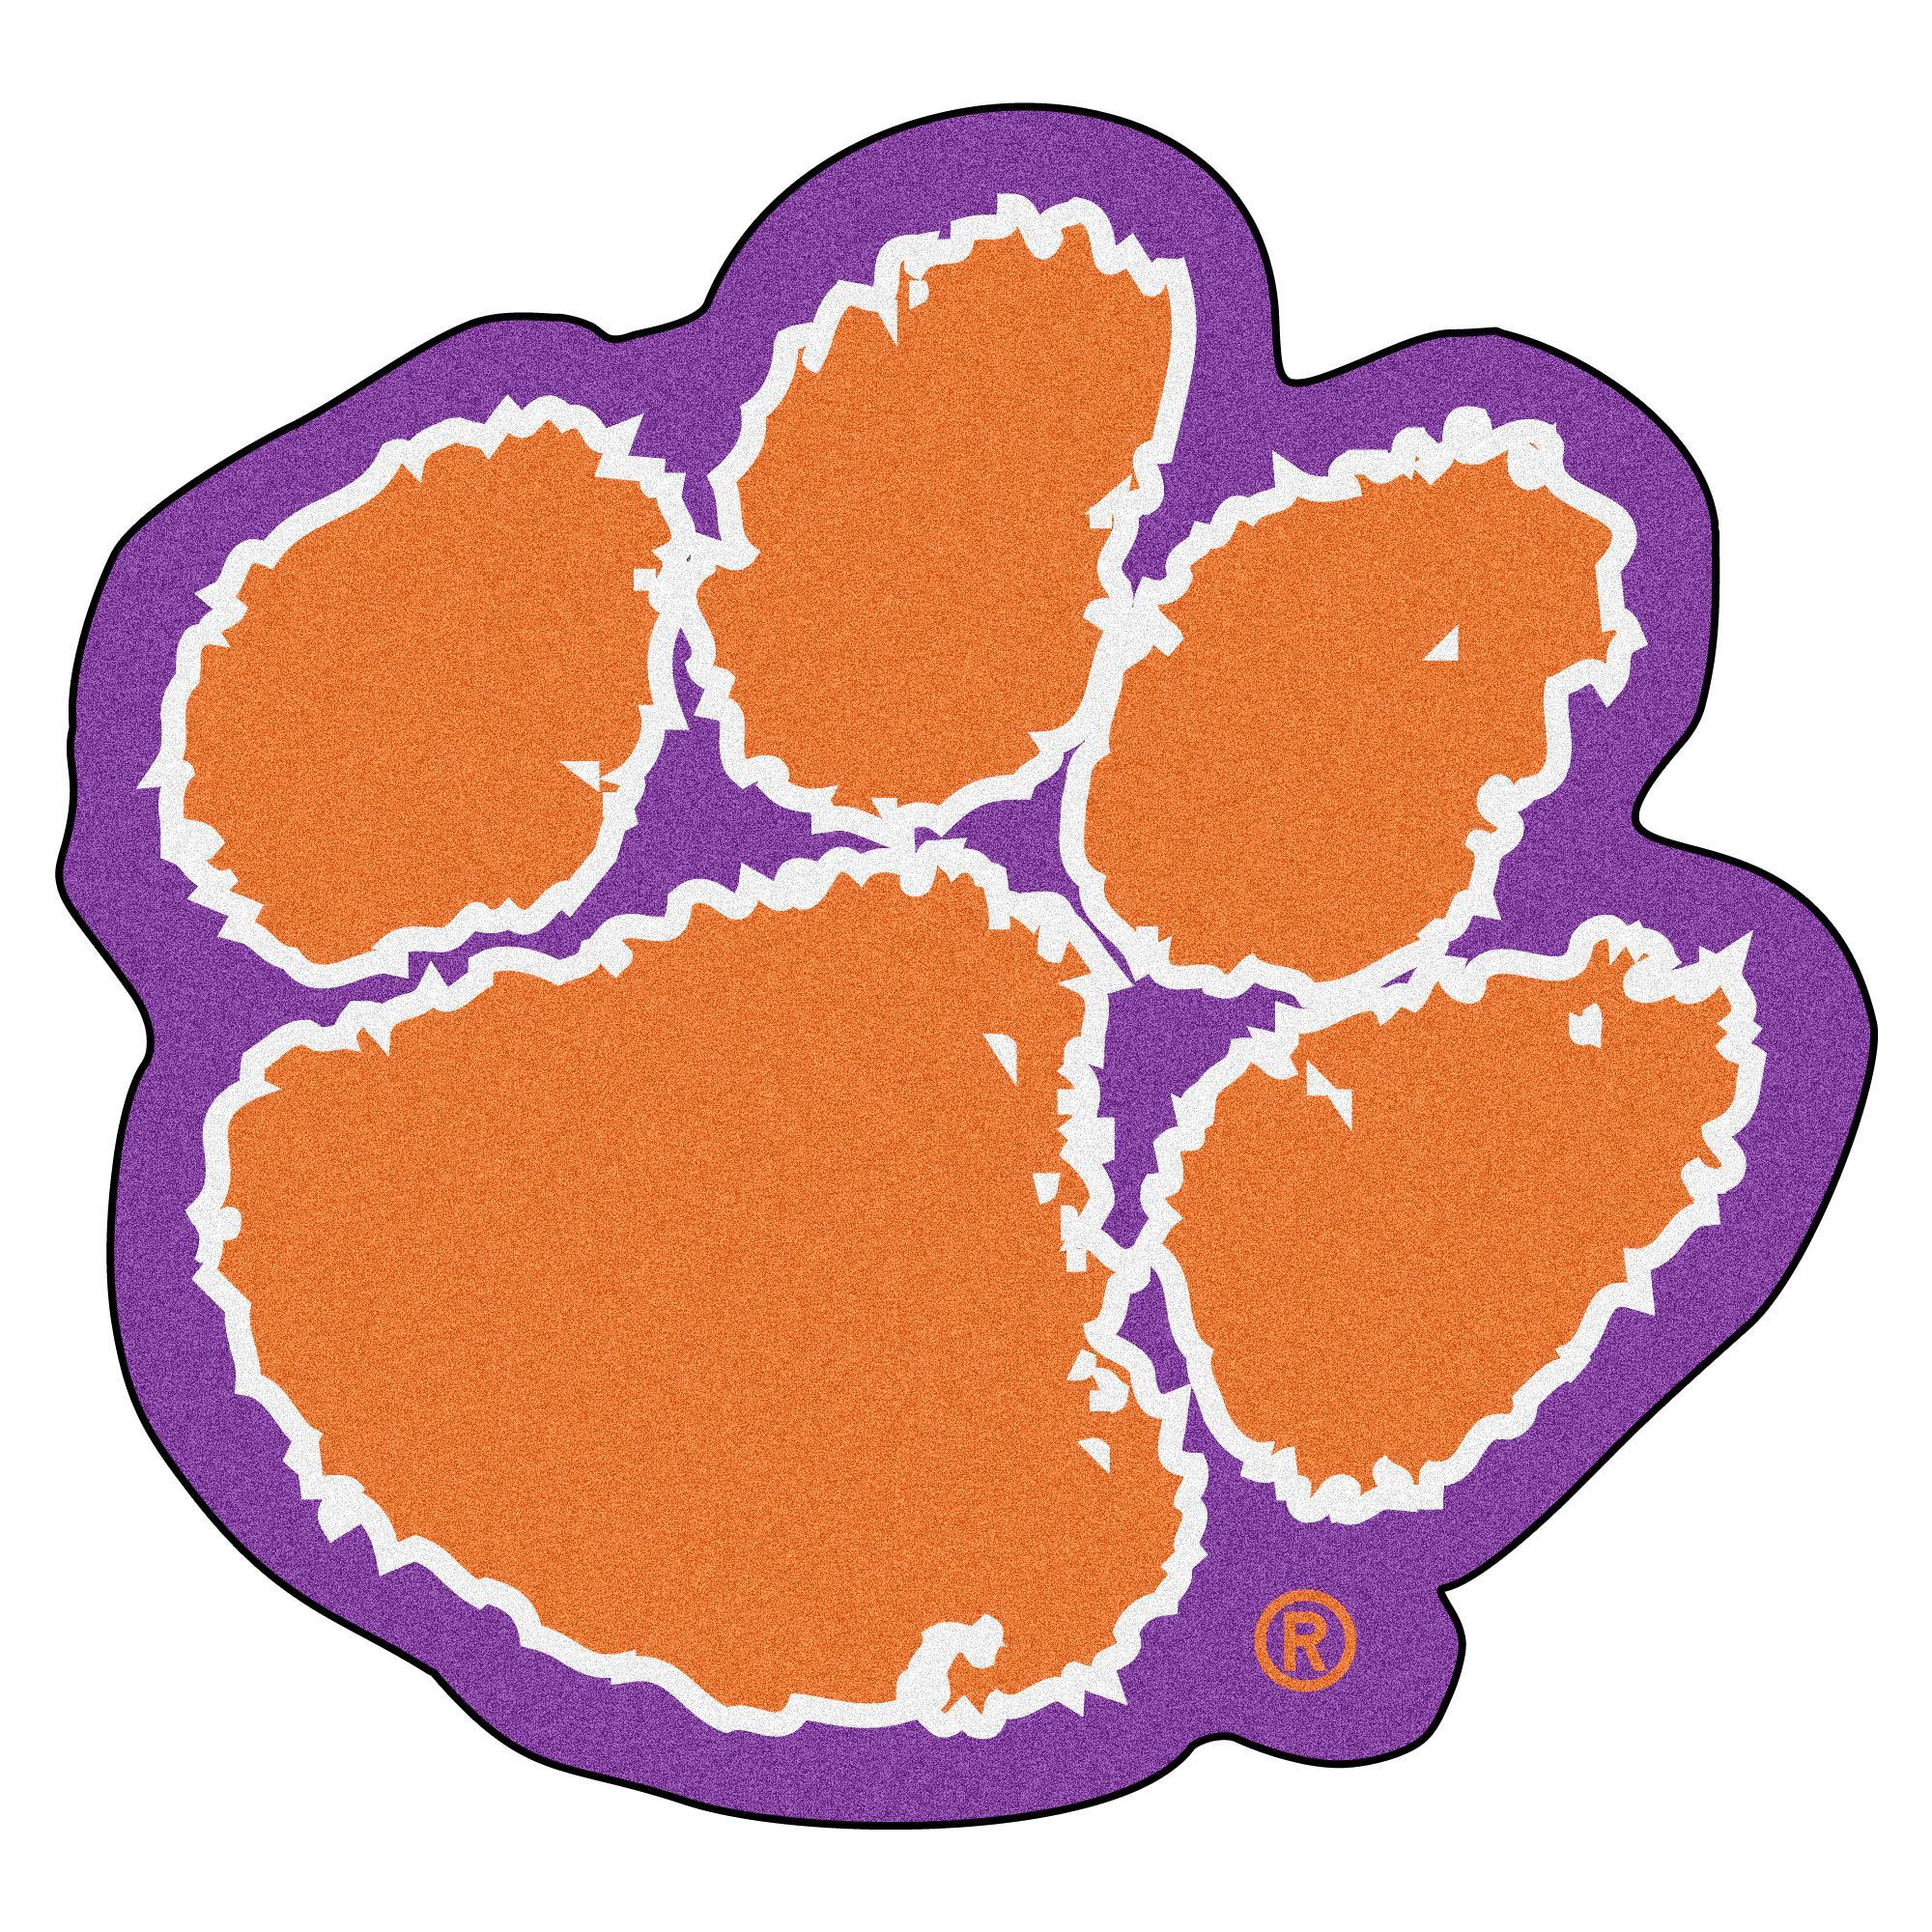 Tiger Paw Clemson Wallpaper - WallpaperSafari